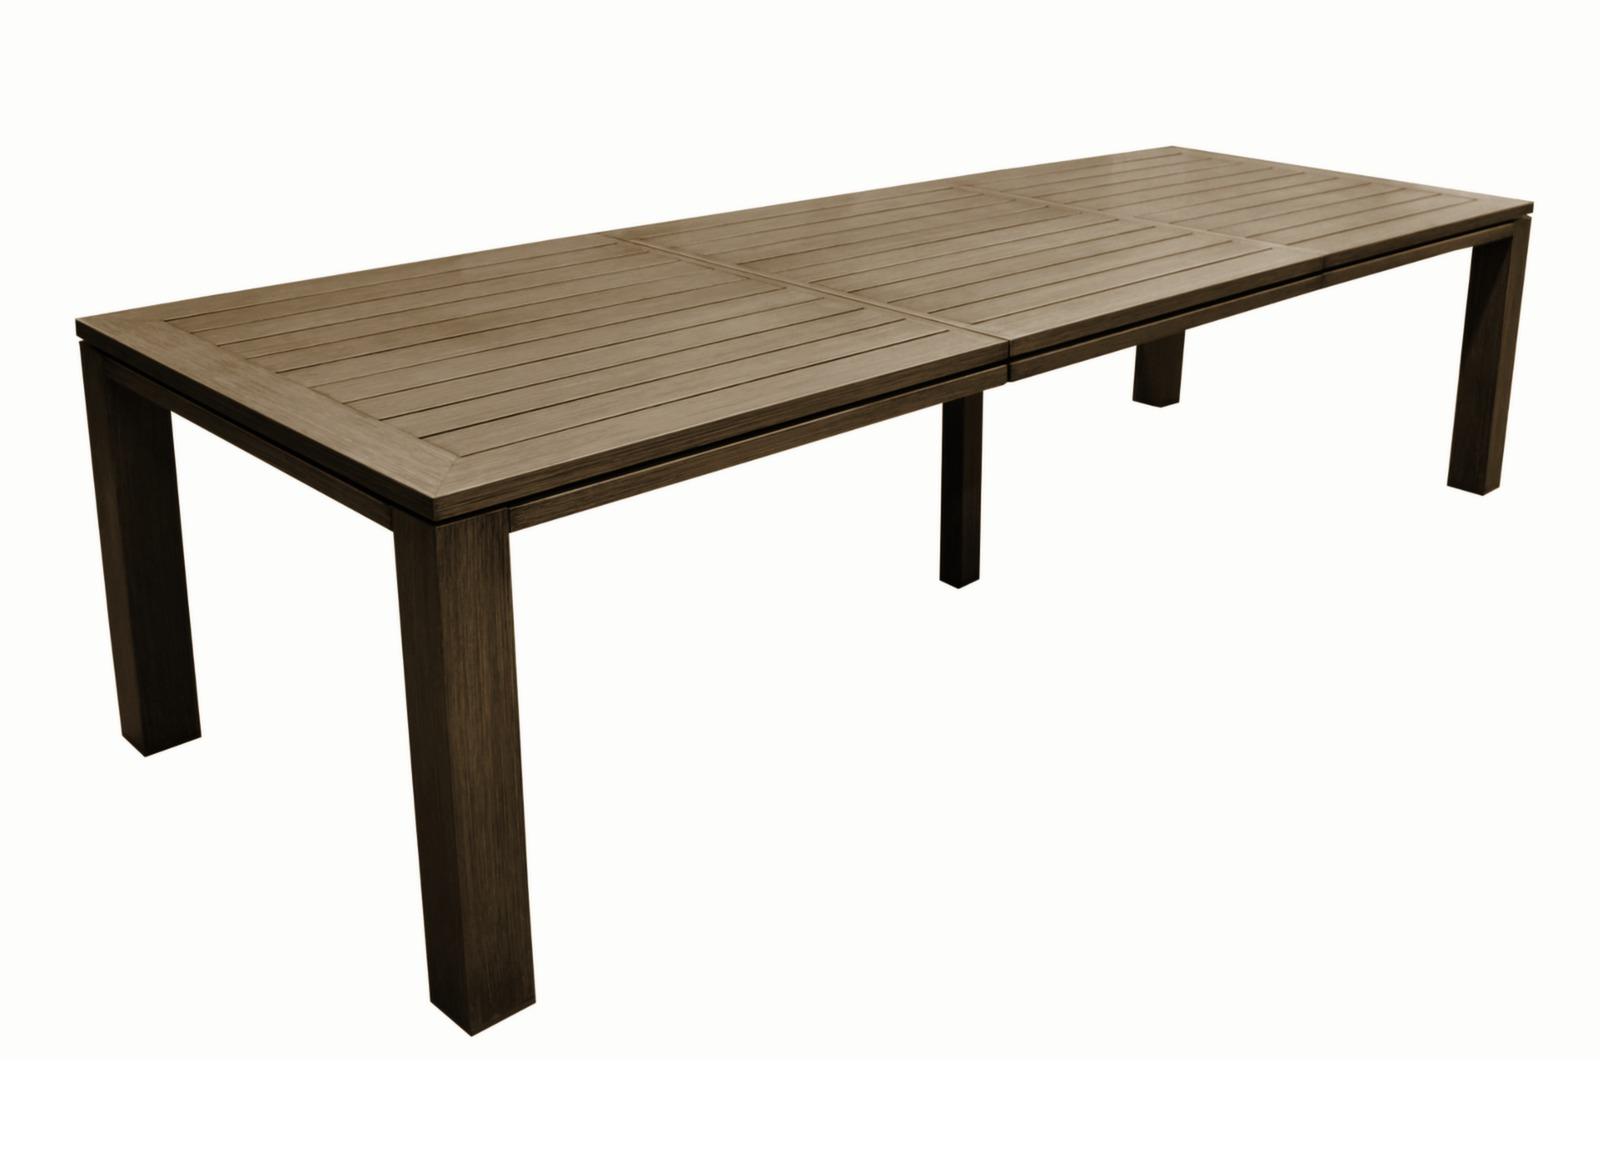 Grande table de jardin rectangle fiero proloisirs - Vente privee table de jardin ...